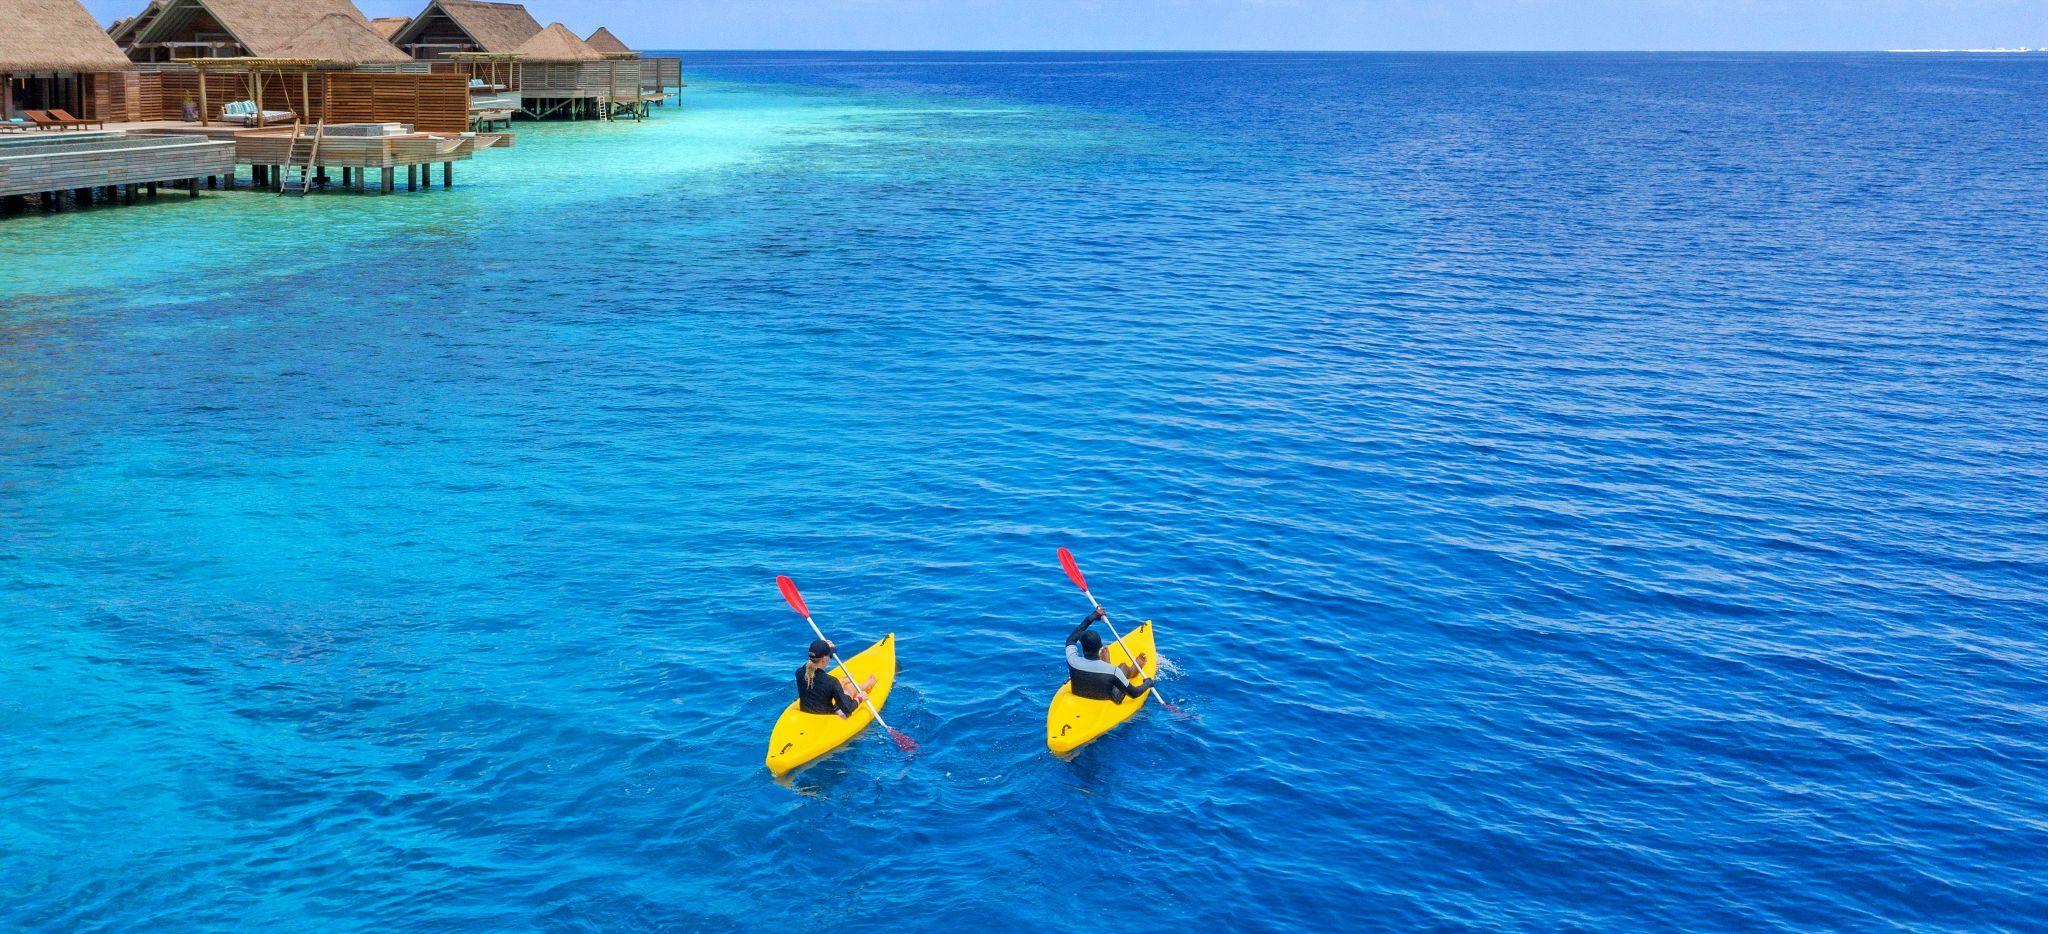 Paar in einzelnen Kajaks rudert vorbei an den Wasservillen des Waldorf Astoria Maldives, mit Blick auf das offene Meer